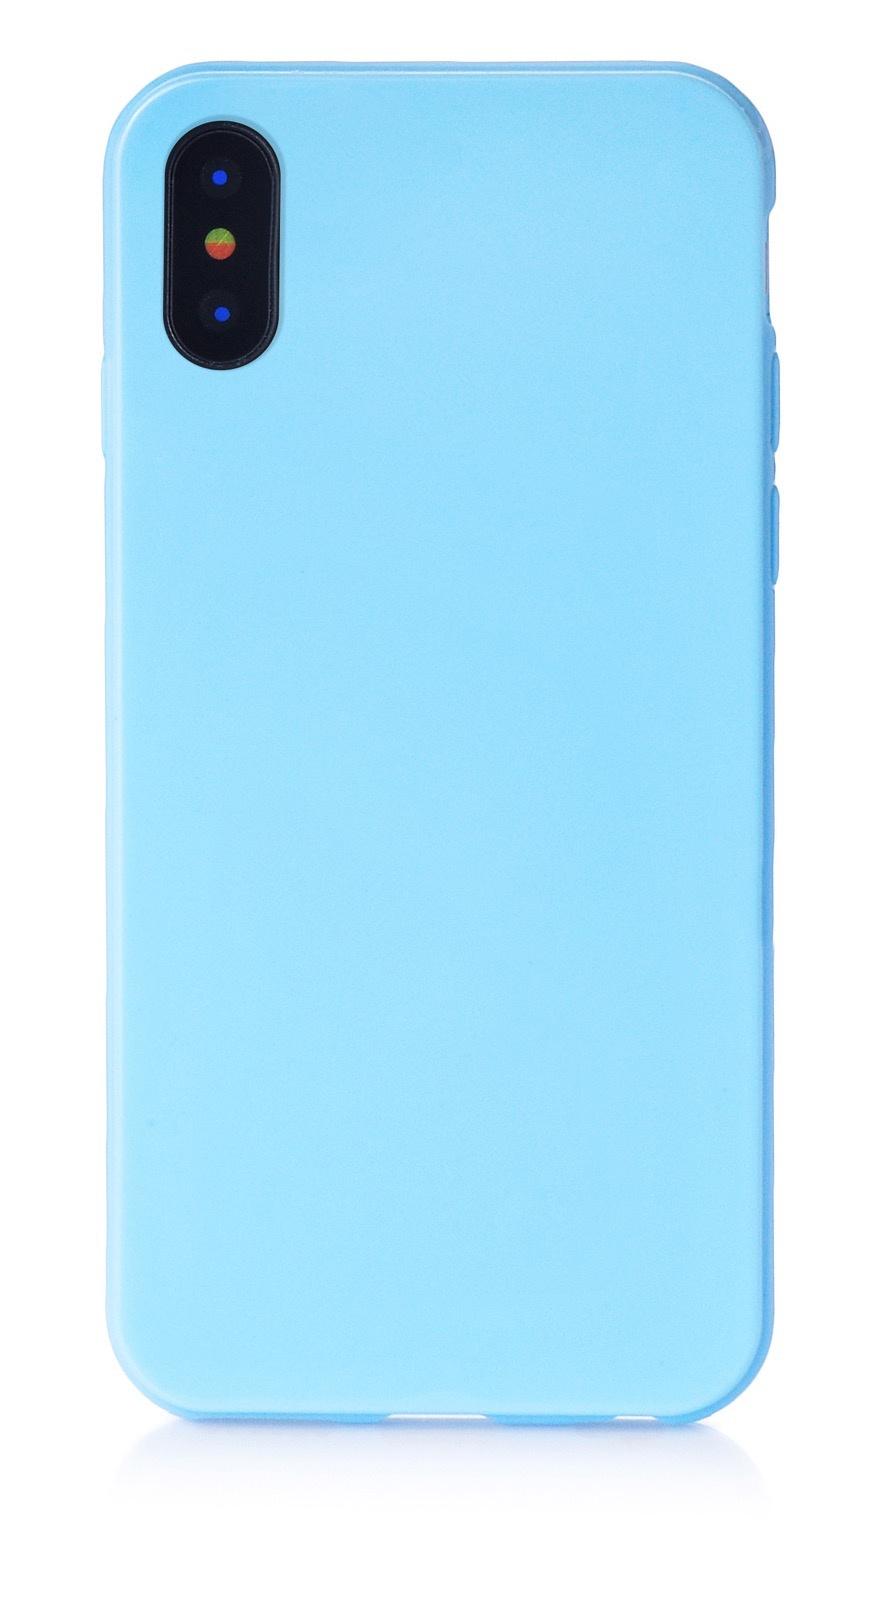 """Чехол для сотового телефона iNeez накладка силикон мыльница 905040 для Apple Iphone X/XS 5.8"""", голубой"""